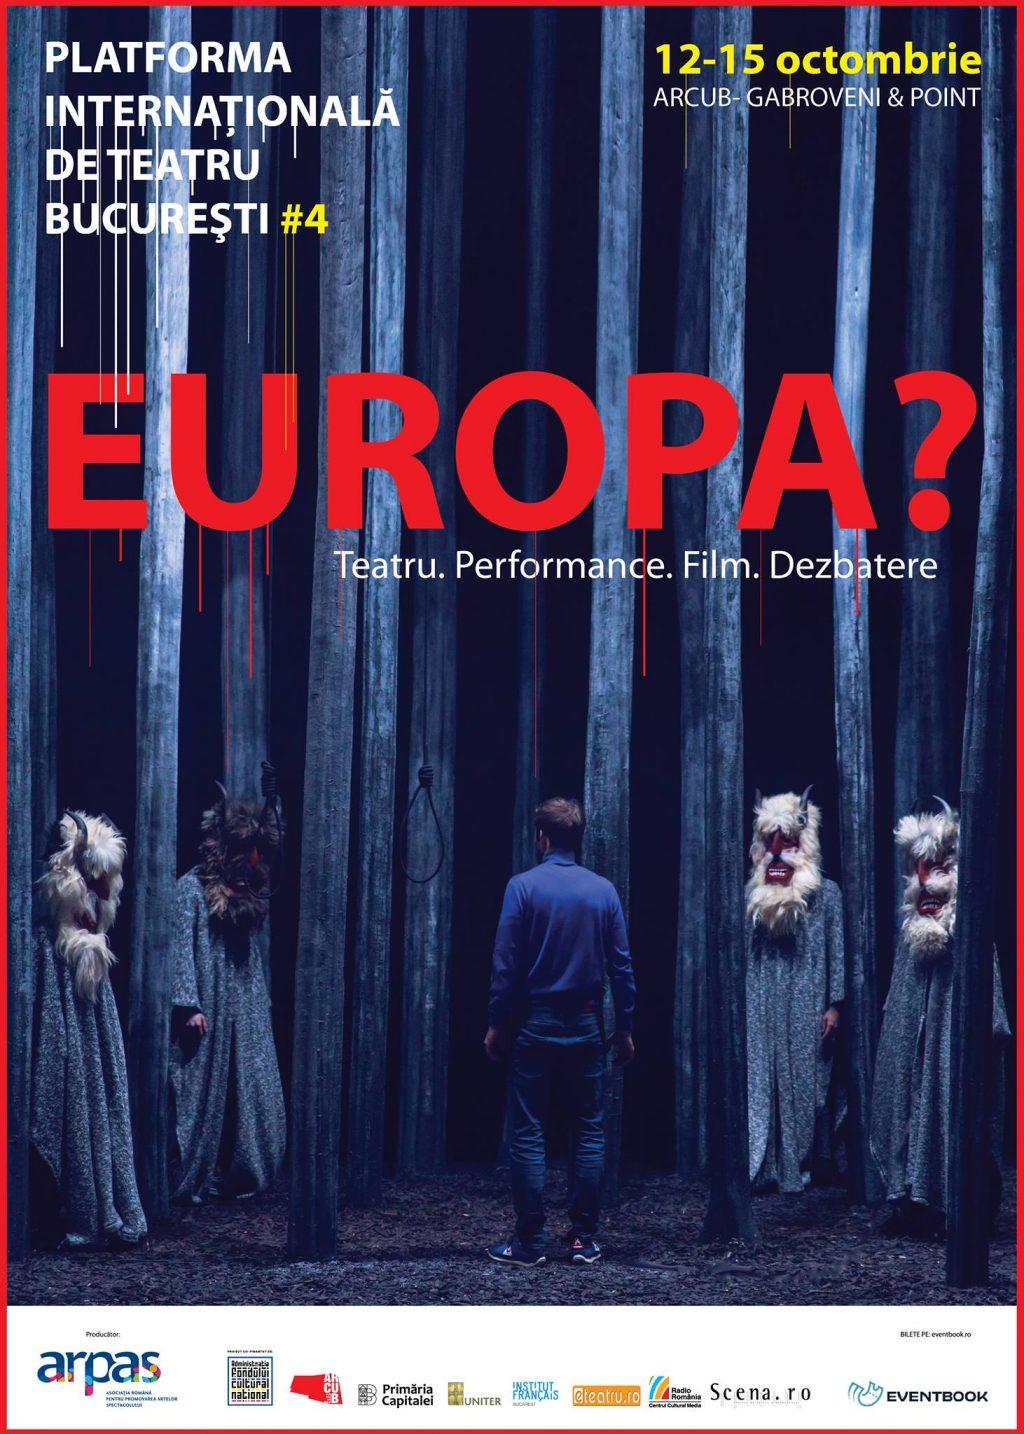 ARPAS – Asociația Română pentru Promovarea Artelor Spectacolului are deosebita plăcere de a vă invita în perioada 12 – 15 octombrie 2017 la cea de a 4a ediție a Platformei Internaționale de Teatru București, eveniment ce se va desfășura la ARCUB-Gabroveni și Point Art Hub.